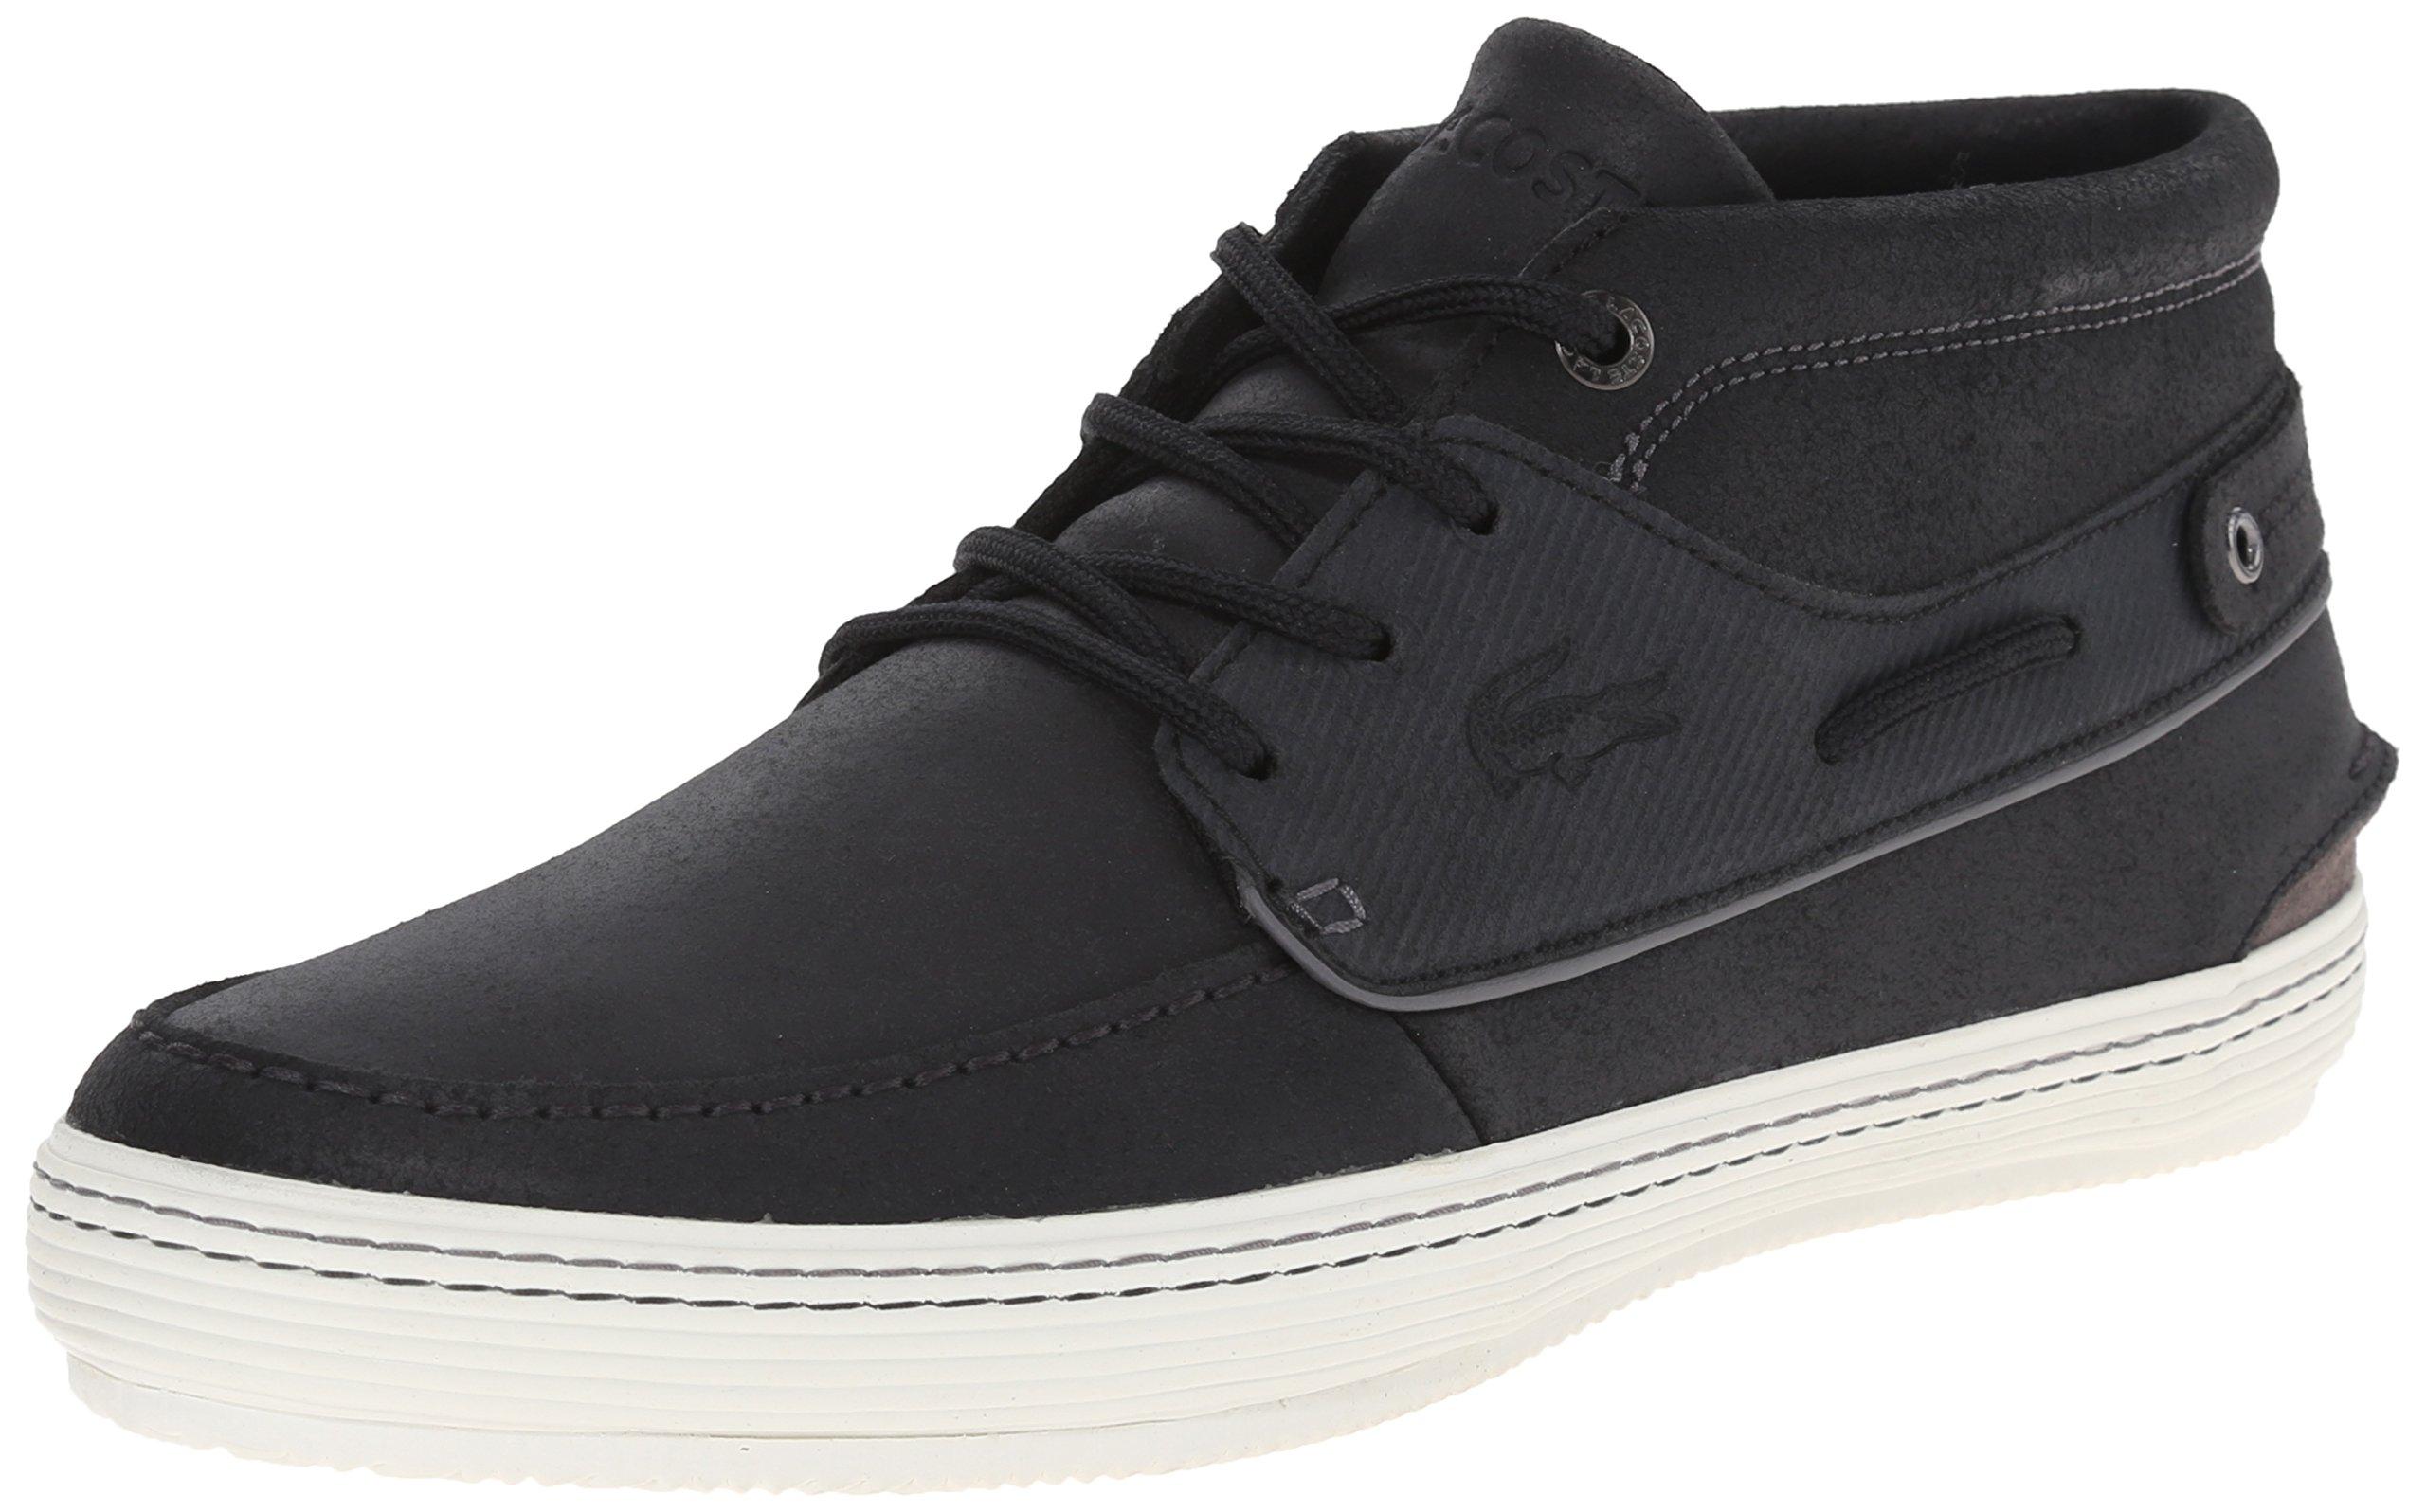 Lacoste Men's Meyssac Deck Fashion Sneaker, Black/Grey, 7.5 M US